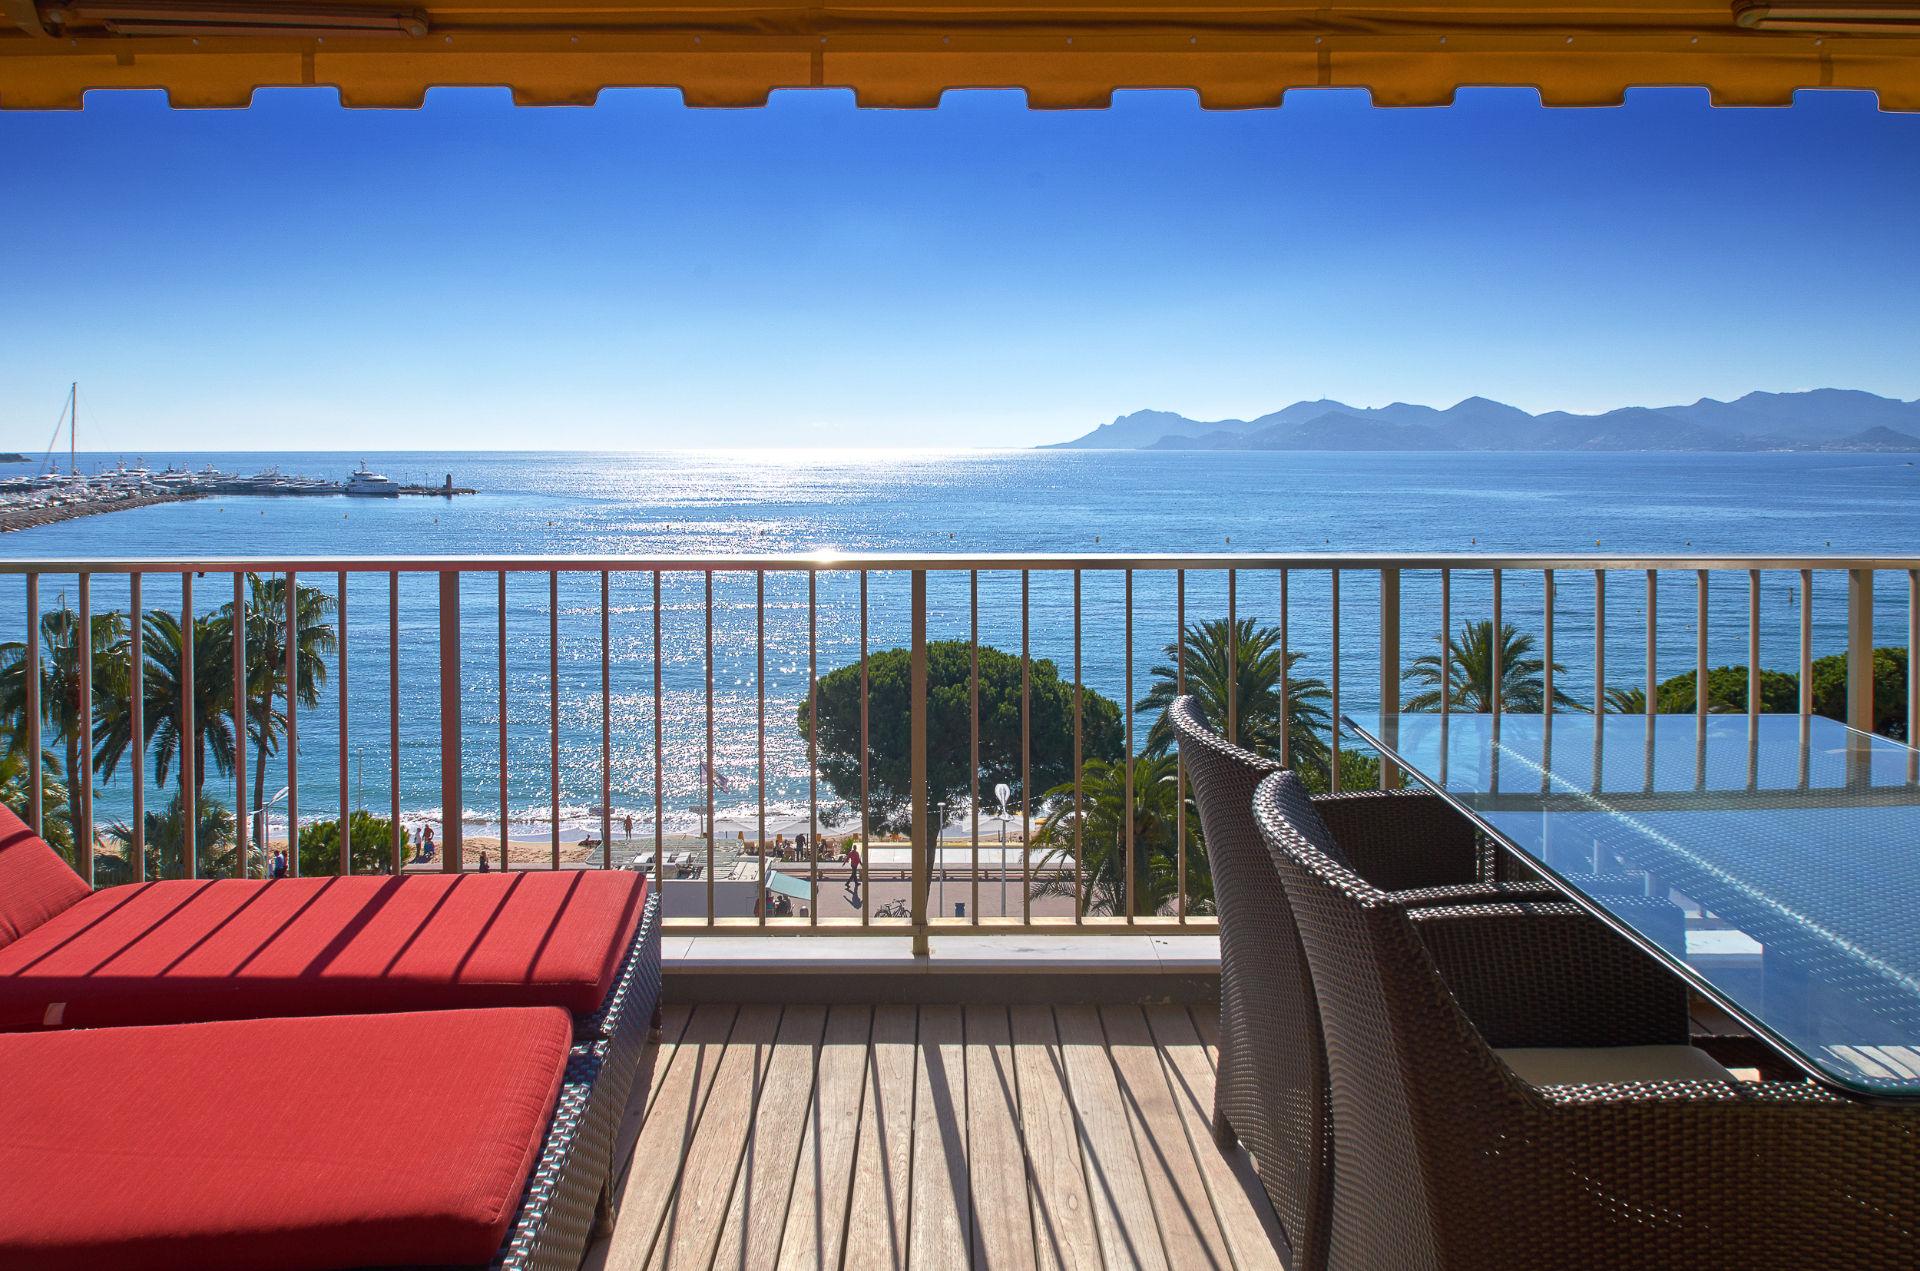 Appartamento per Vendita alle ore Center Croisette, 3/4 roomed apartment on upper level with panoramic sea views Cannes Cannes, Provenza-Alpi-Costa Azzurra 06400 Francia